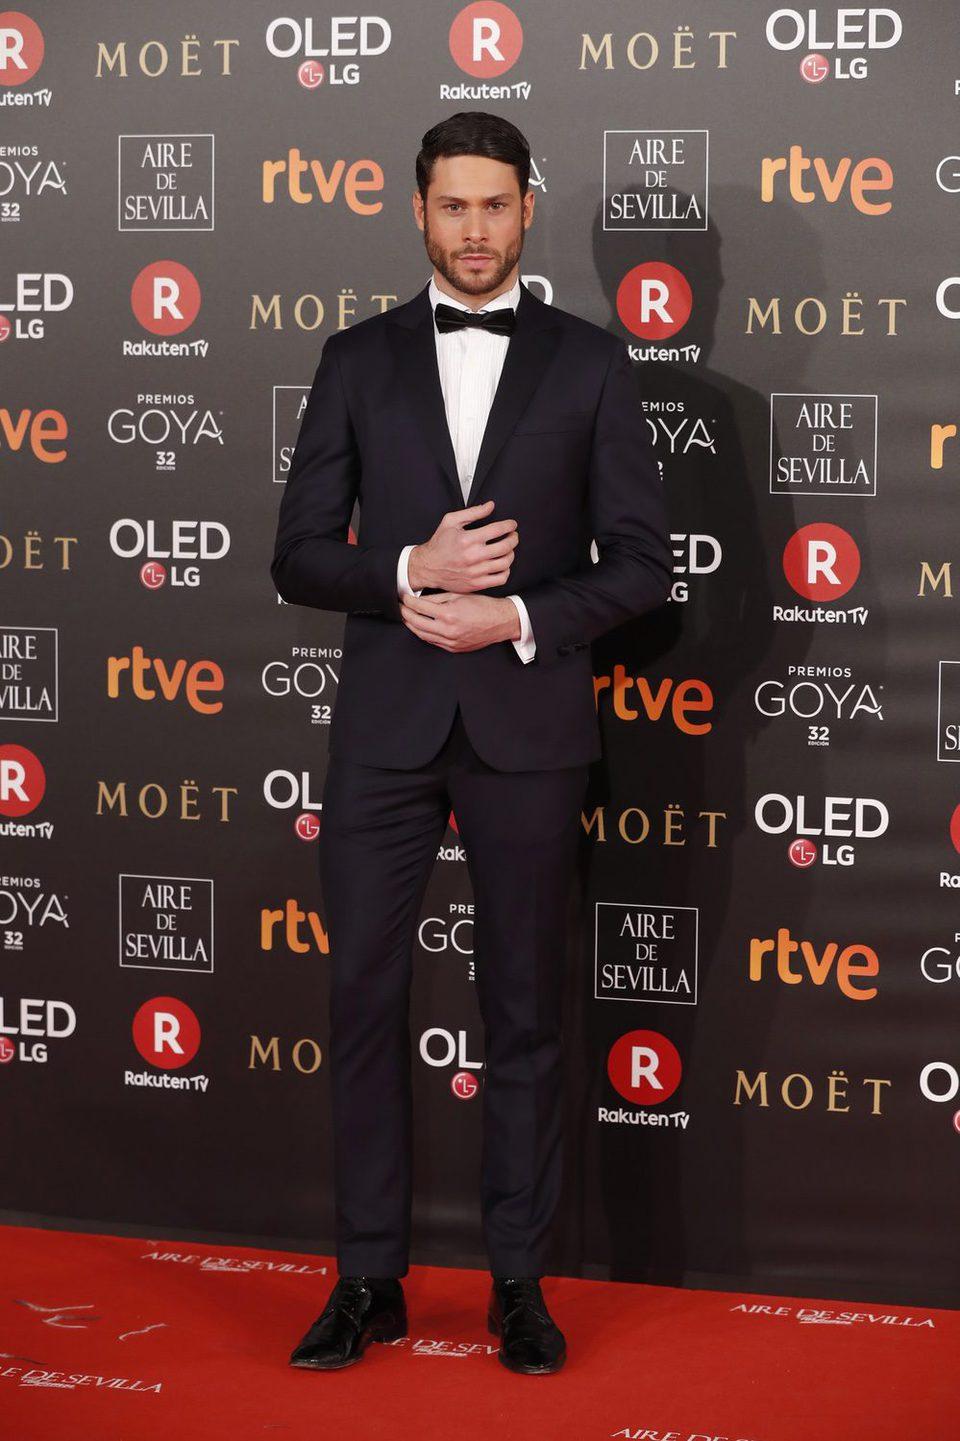 Jose Lamuño en la alfombra roja de los Premios Goya 2018